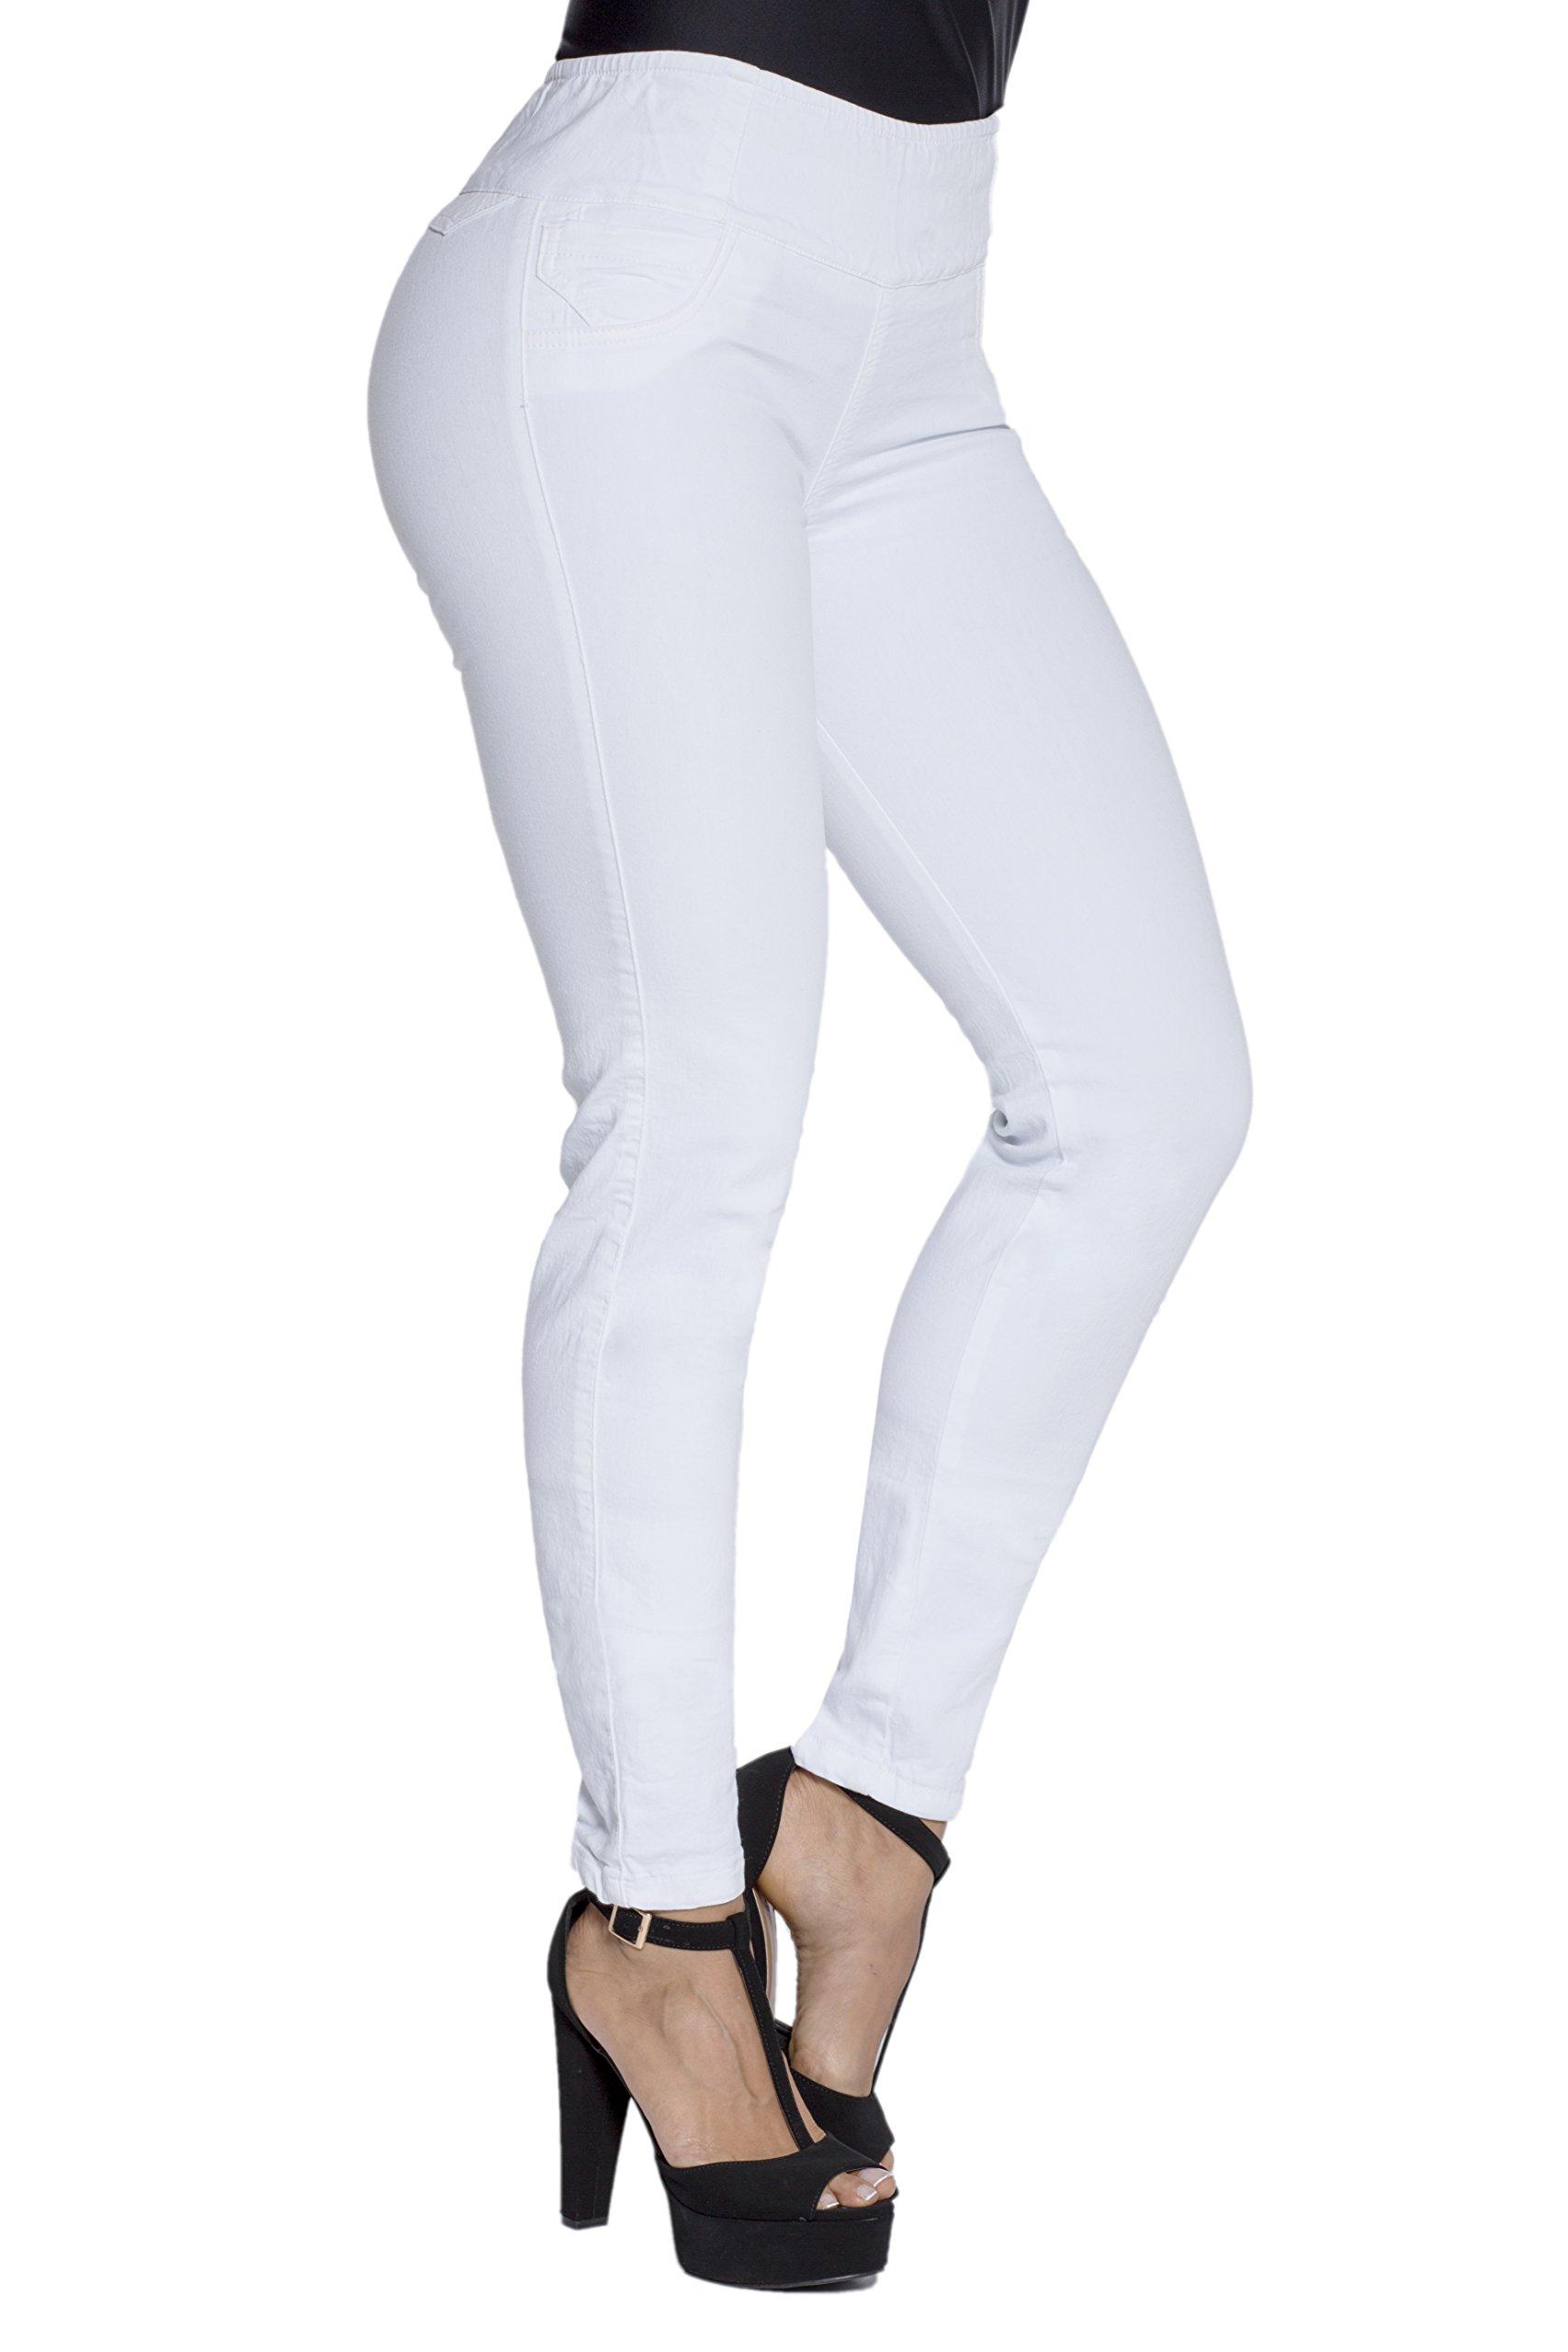 Curvify White Butt Lift Jeggings | Elastic Waist Jeggings | Pull on Jeggings(8001 White 12)